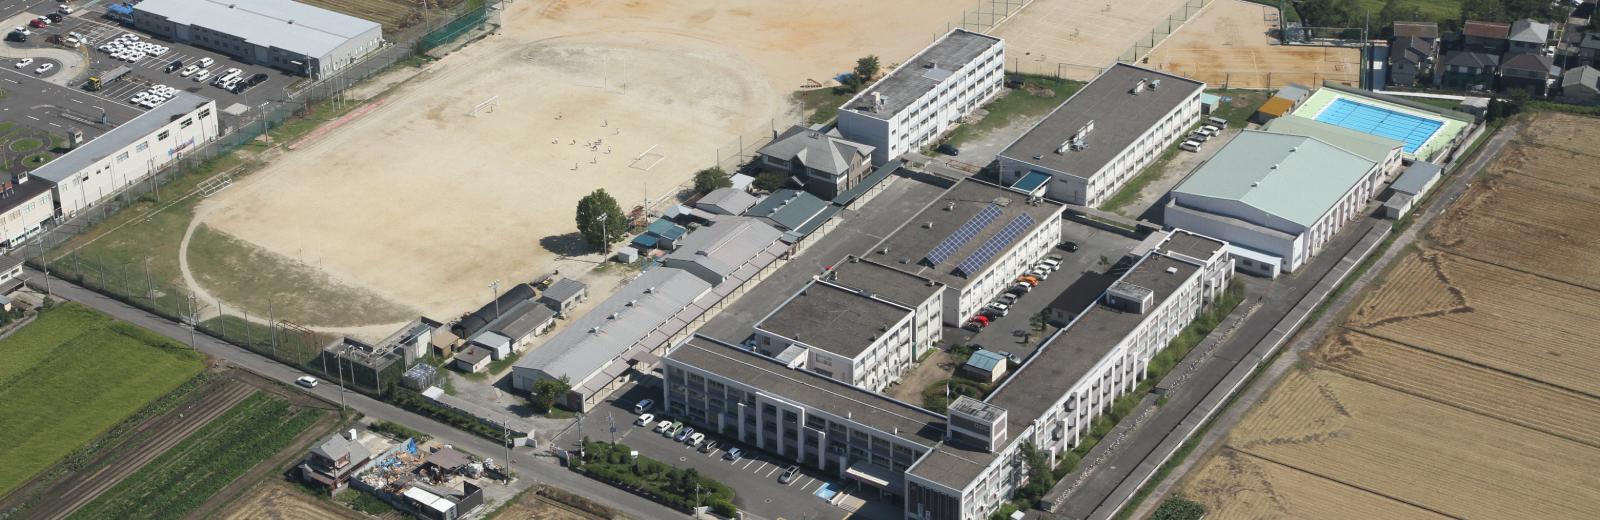 滋賀県立八幡工業高等学校